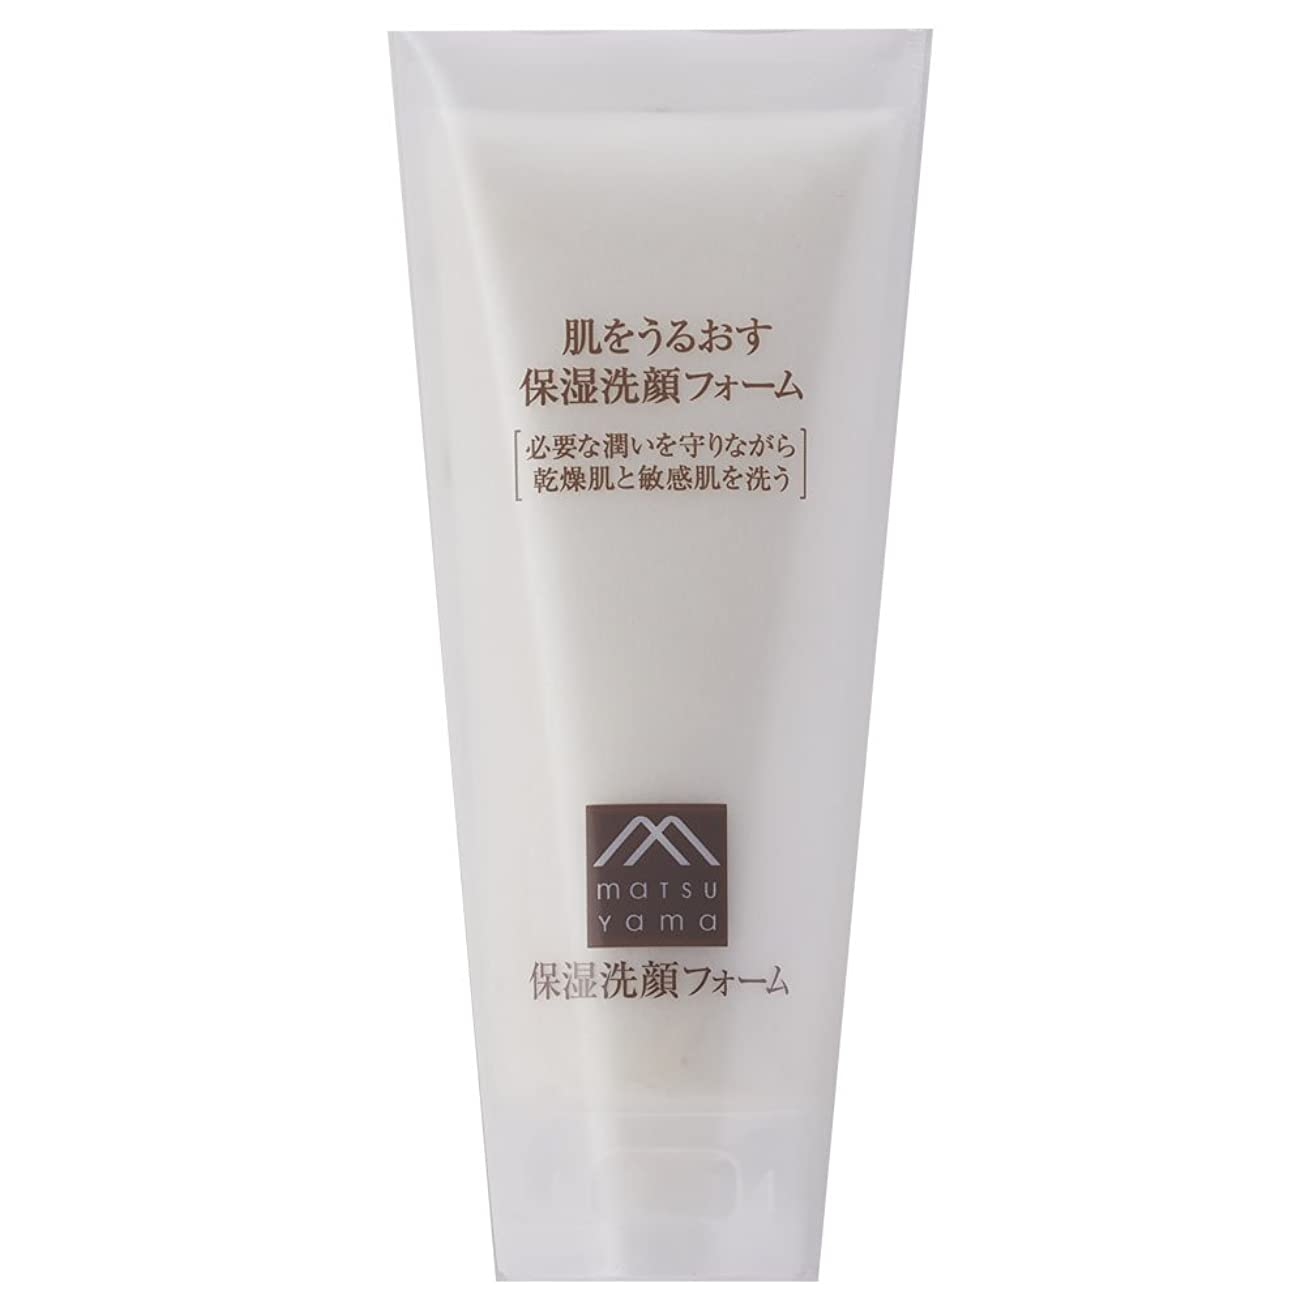 ぞっとするような橋形成肌をうるおす保湿洗顔フォーム(洗顔料) [乾燥肌 敏感肌]